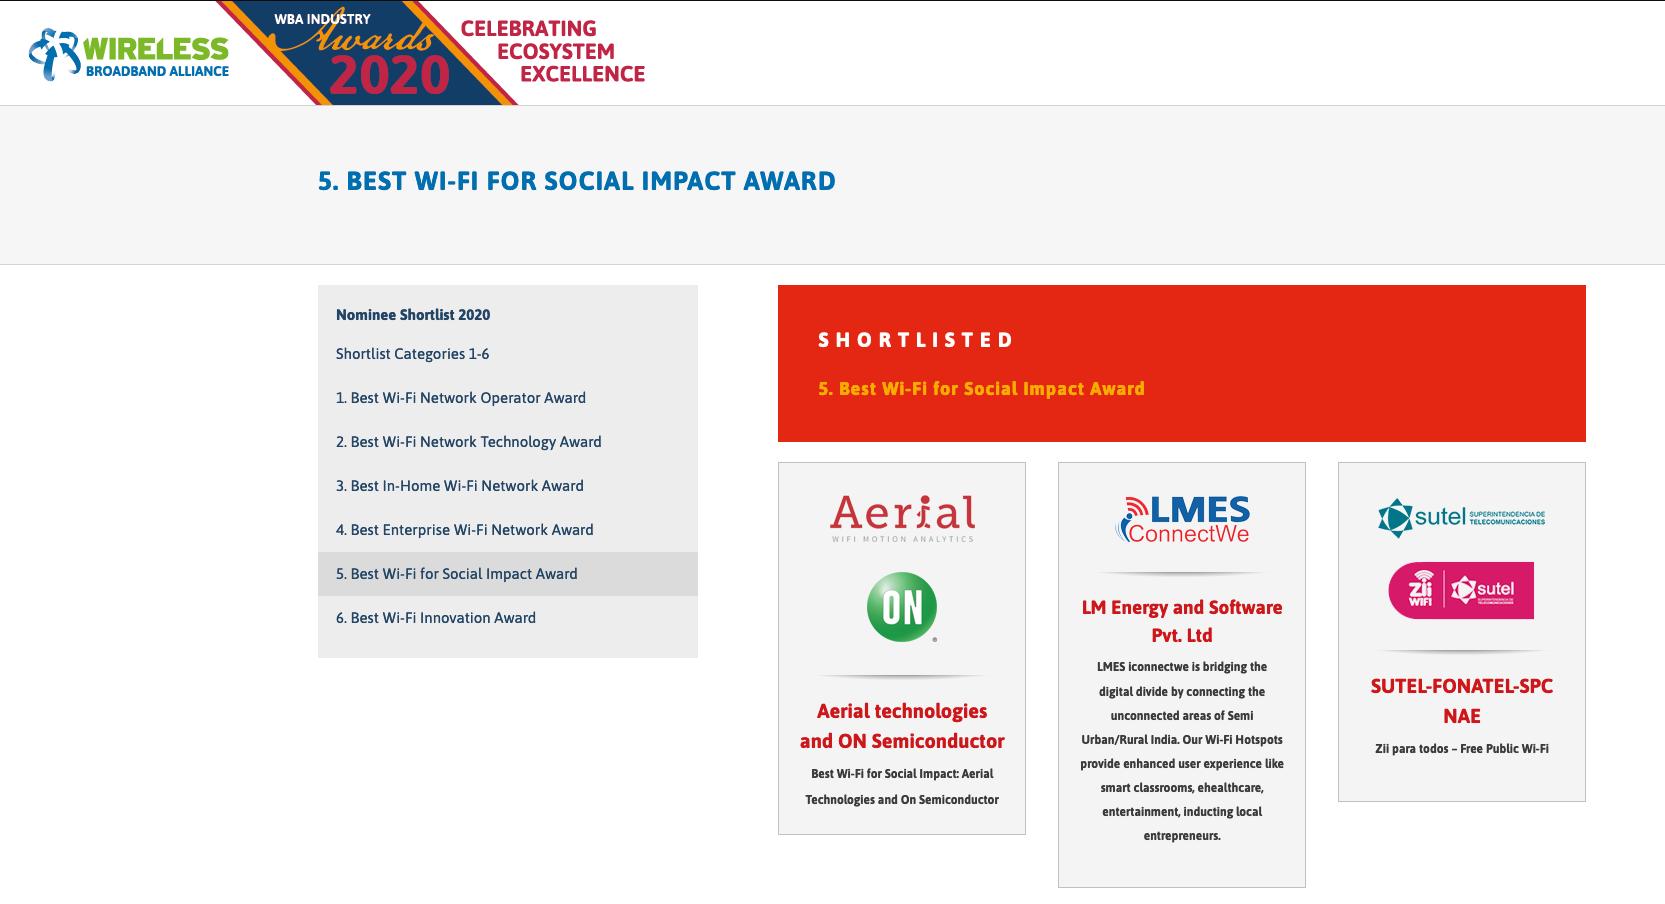 Fotografía página web con nominación a premio